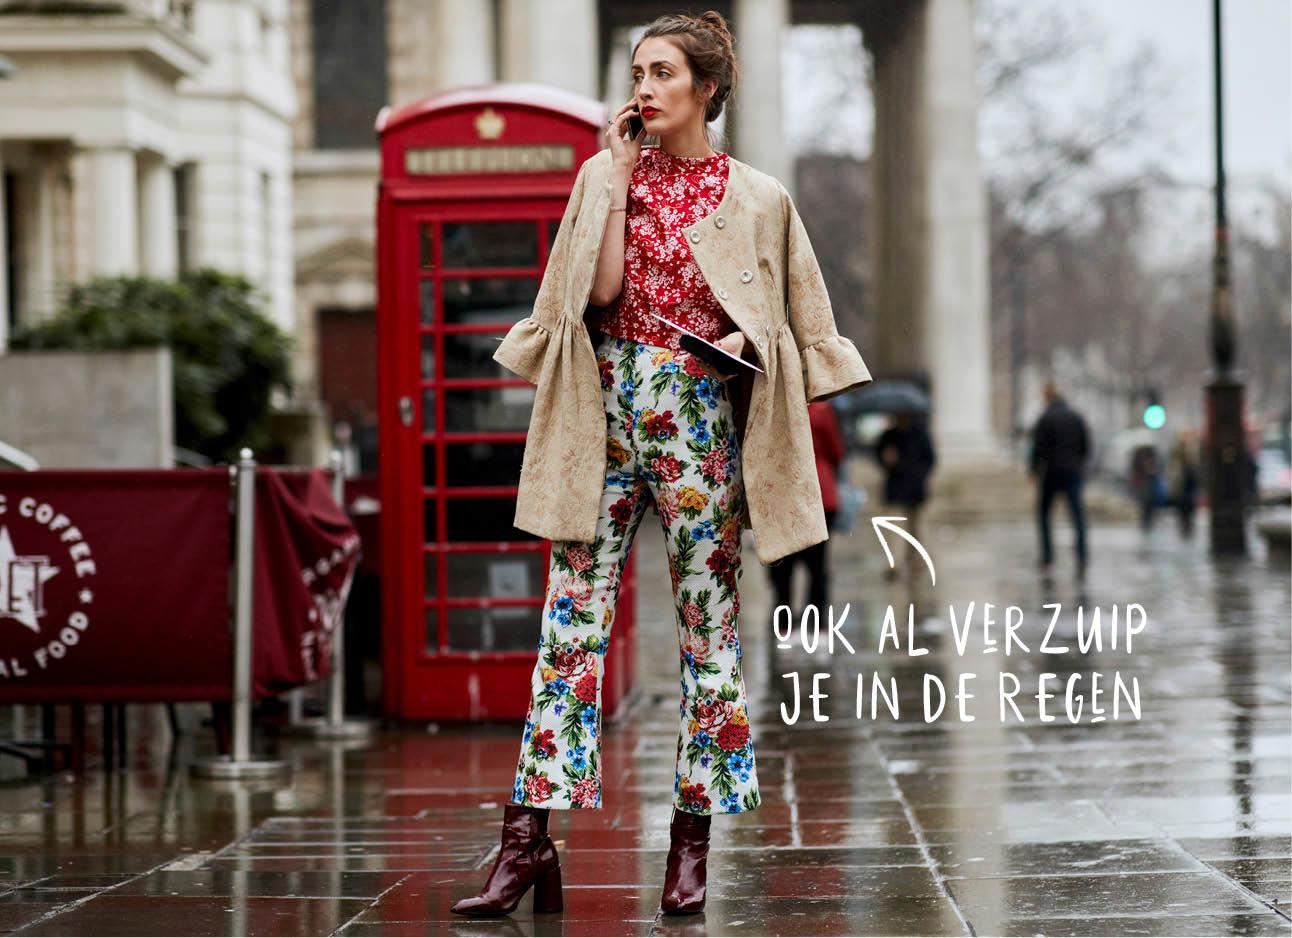 vrouw in london met rode telefooncel in de regen